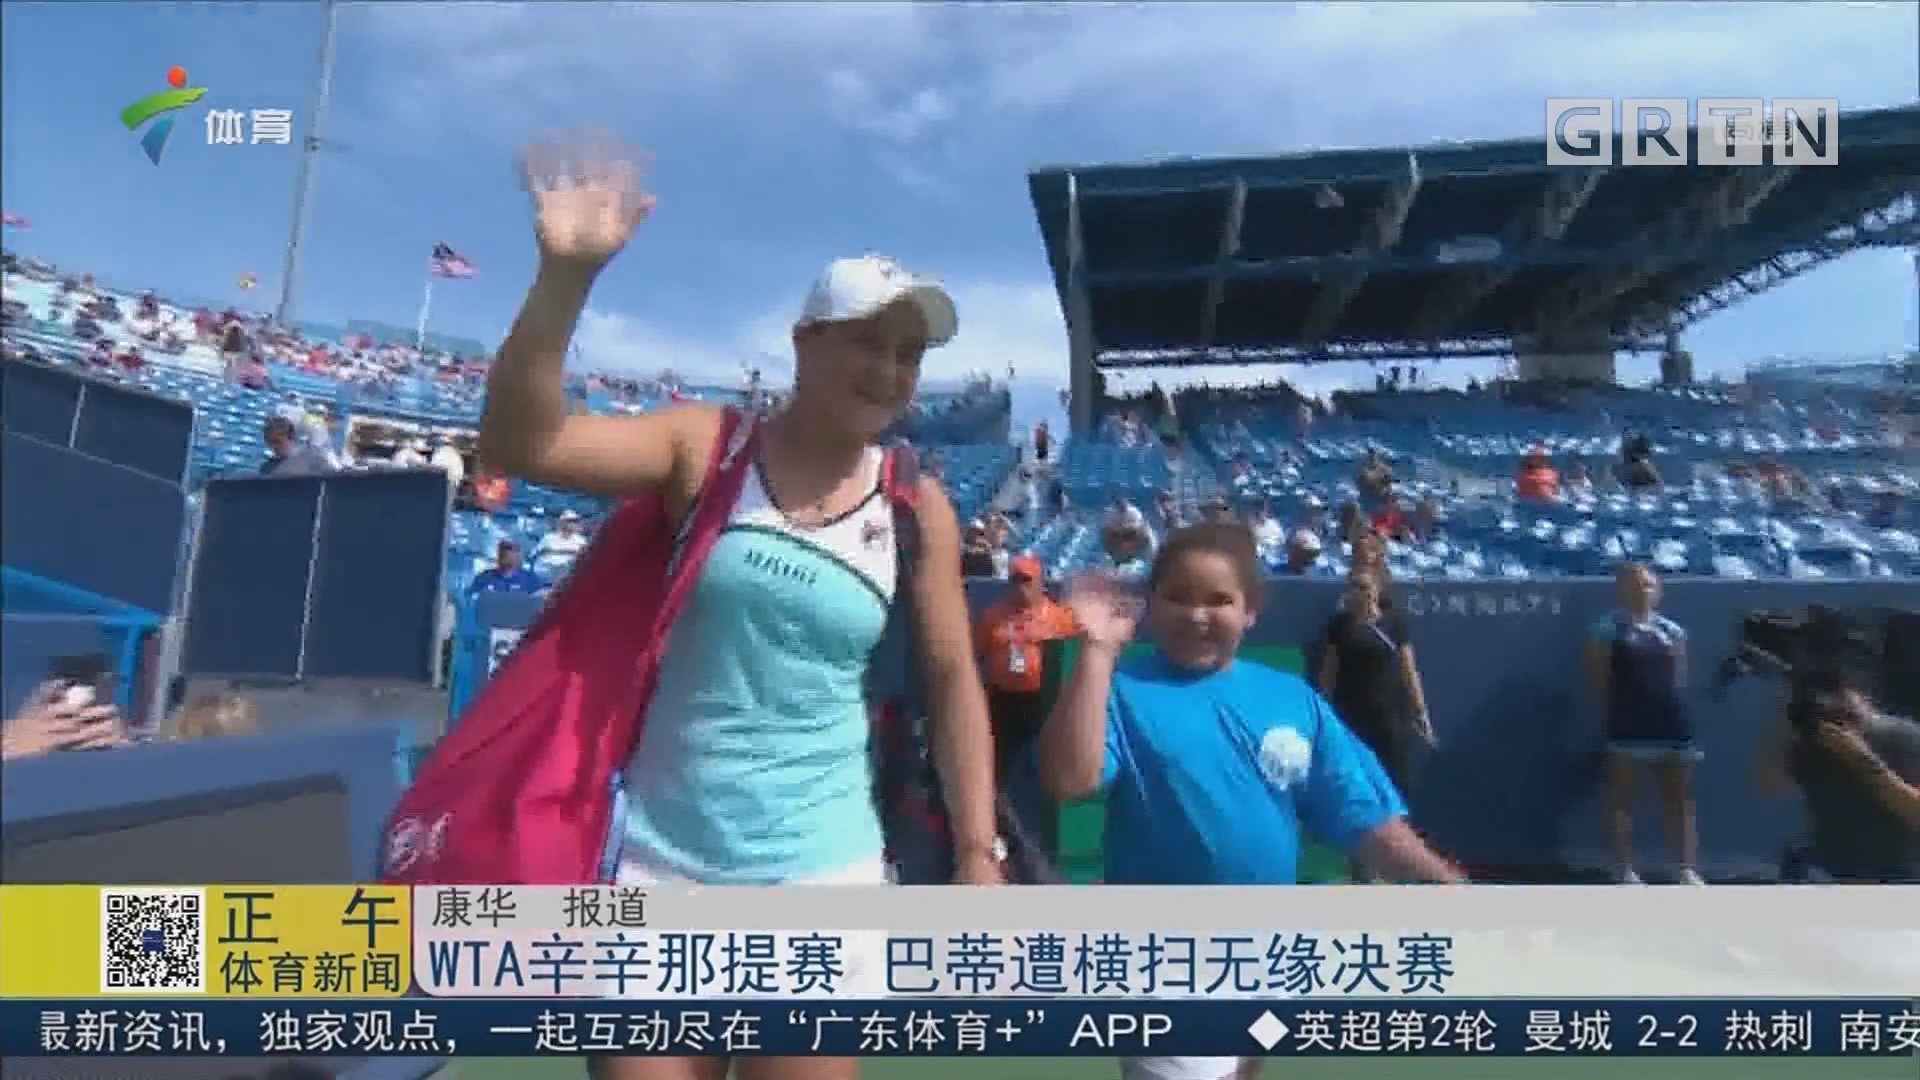 WTA辛辛那提赛 巴蒂遭横扫无缘决赛